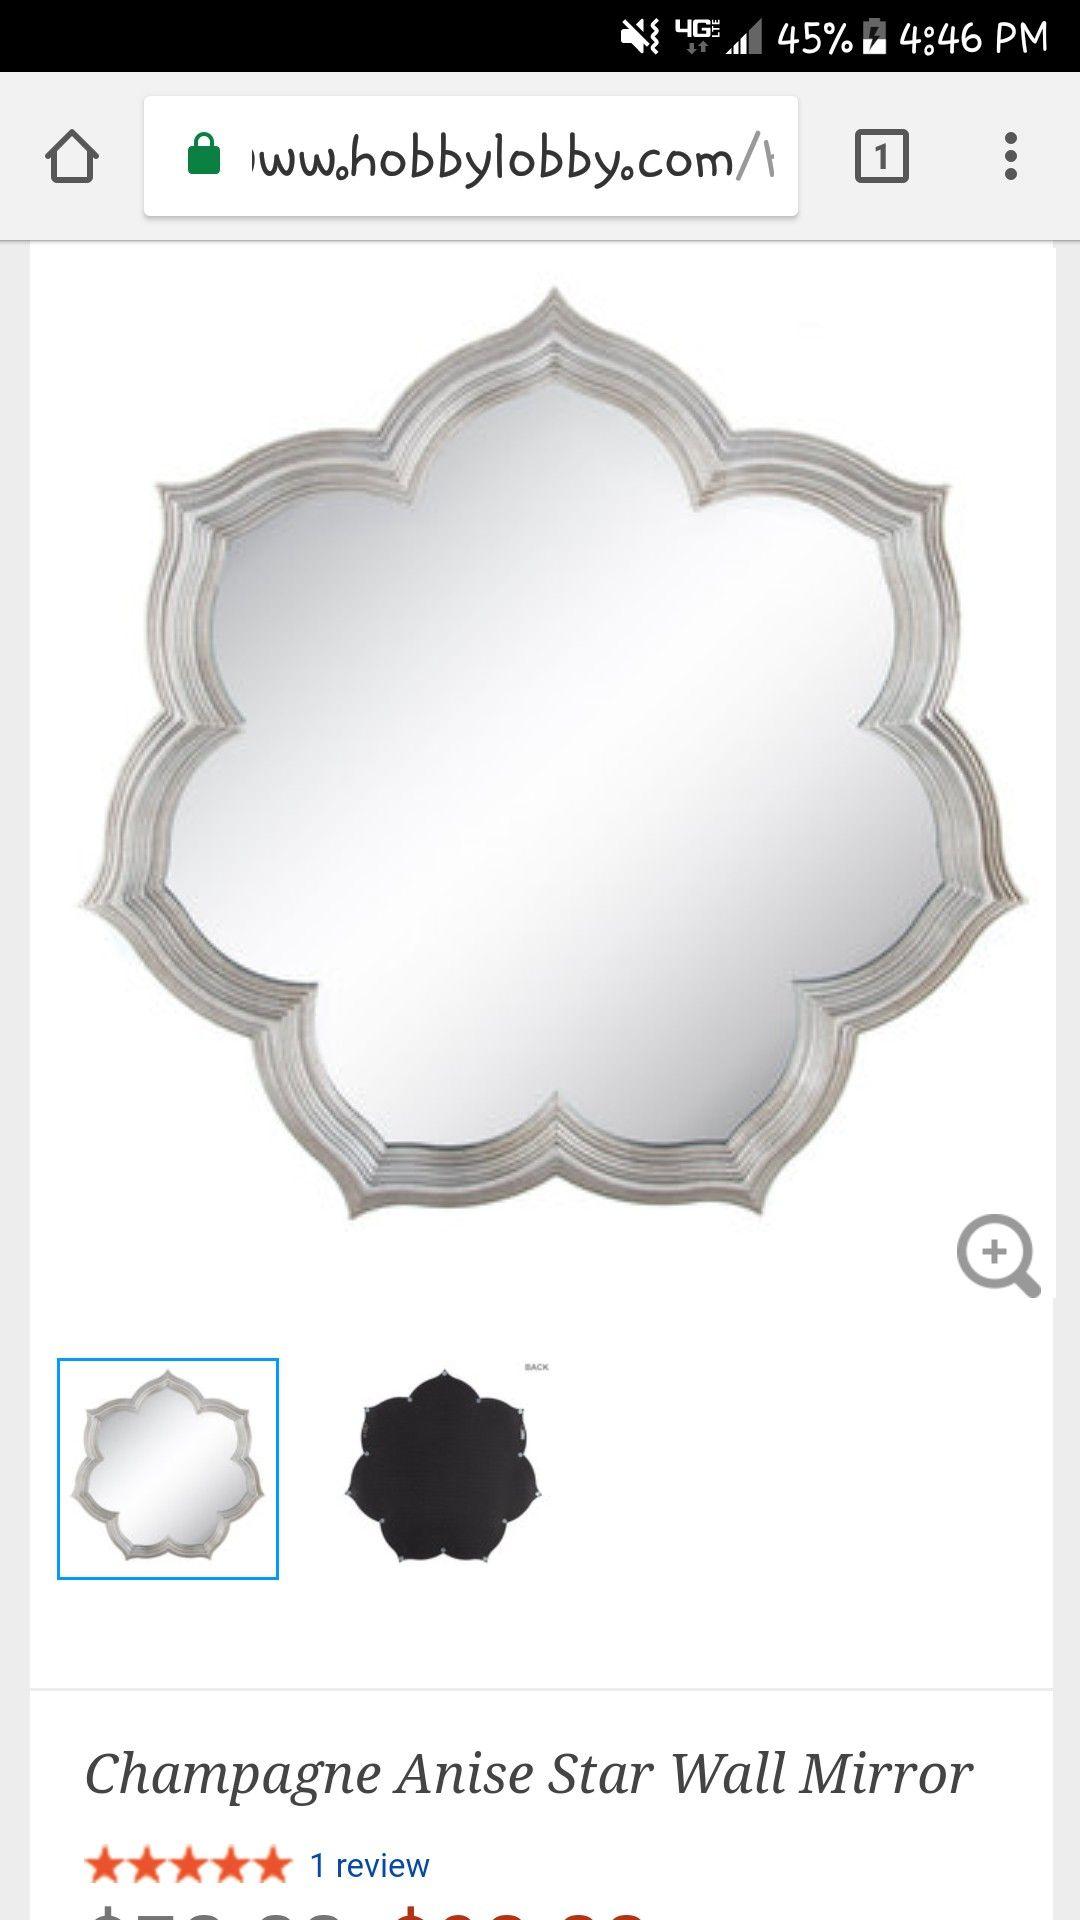 $40-HOBBY LOBBY-- https://www.hobbylobby.com/Home-Decor-Frames ...